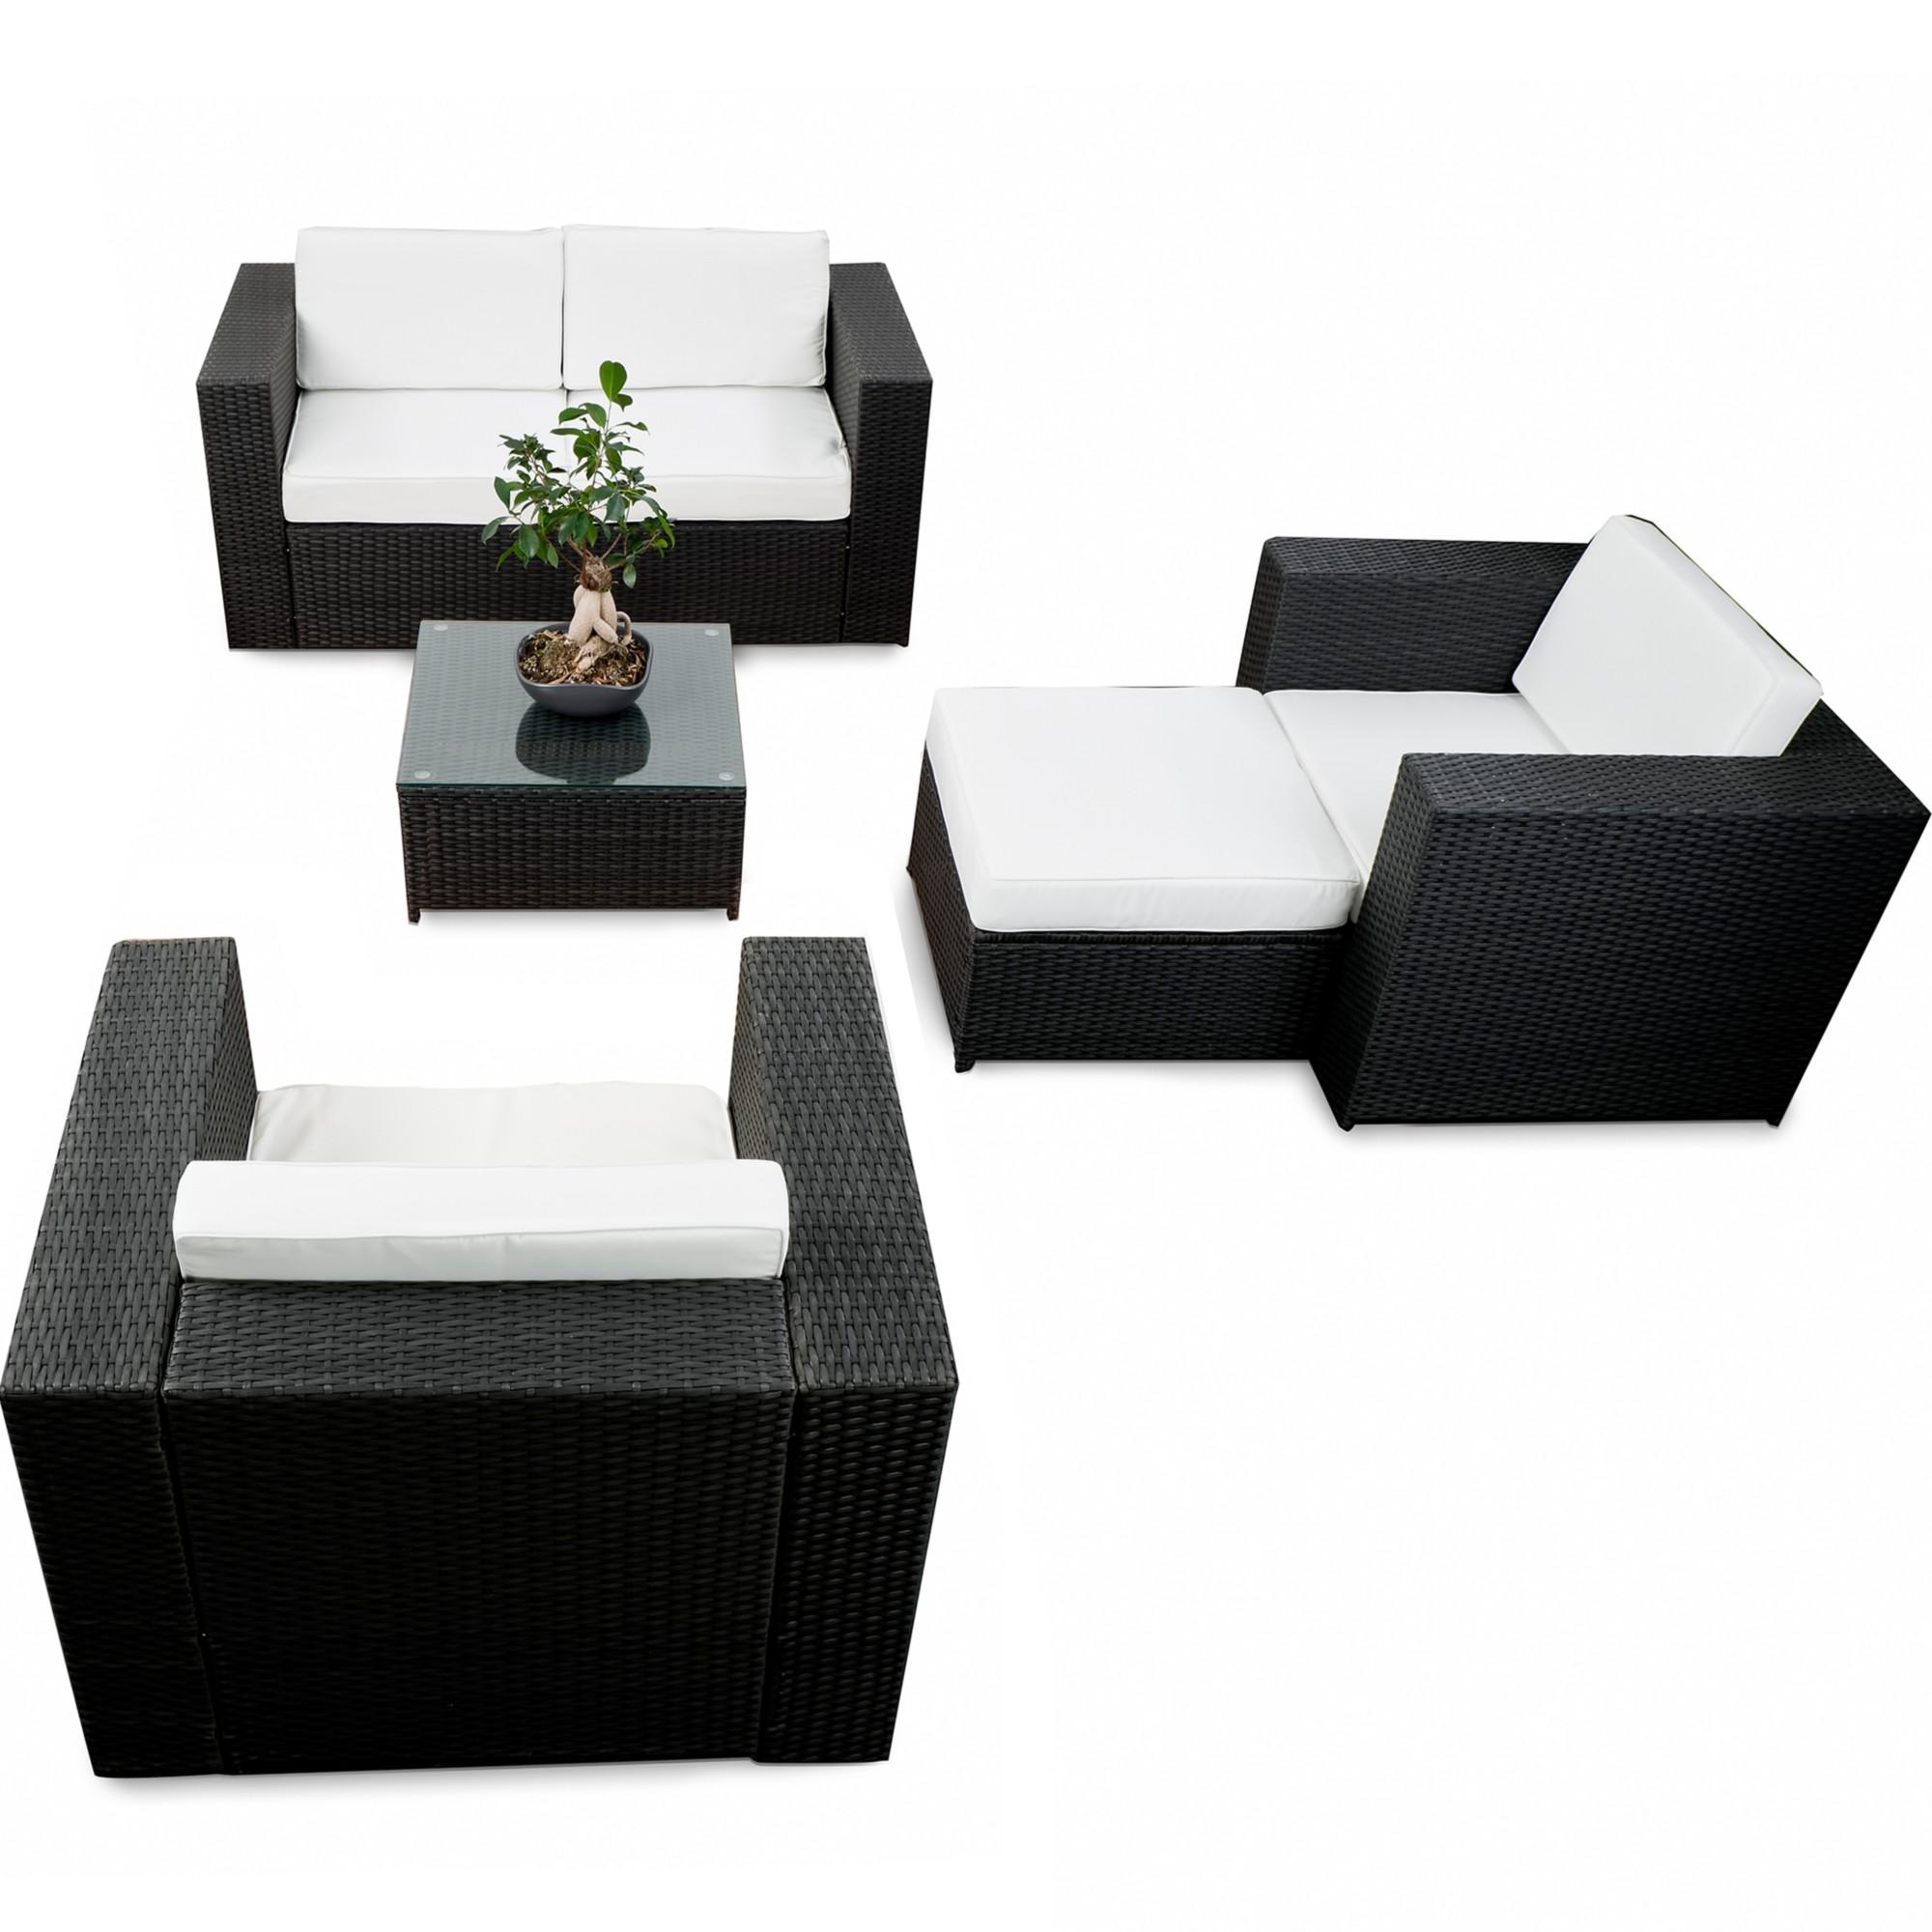 Gartenmbel Set Lounge gnstig Garten Loungembel Set kaufen